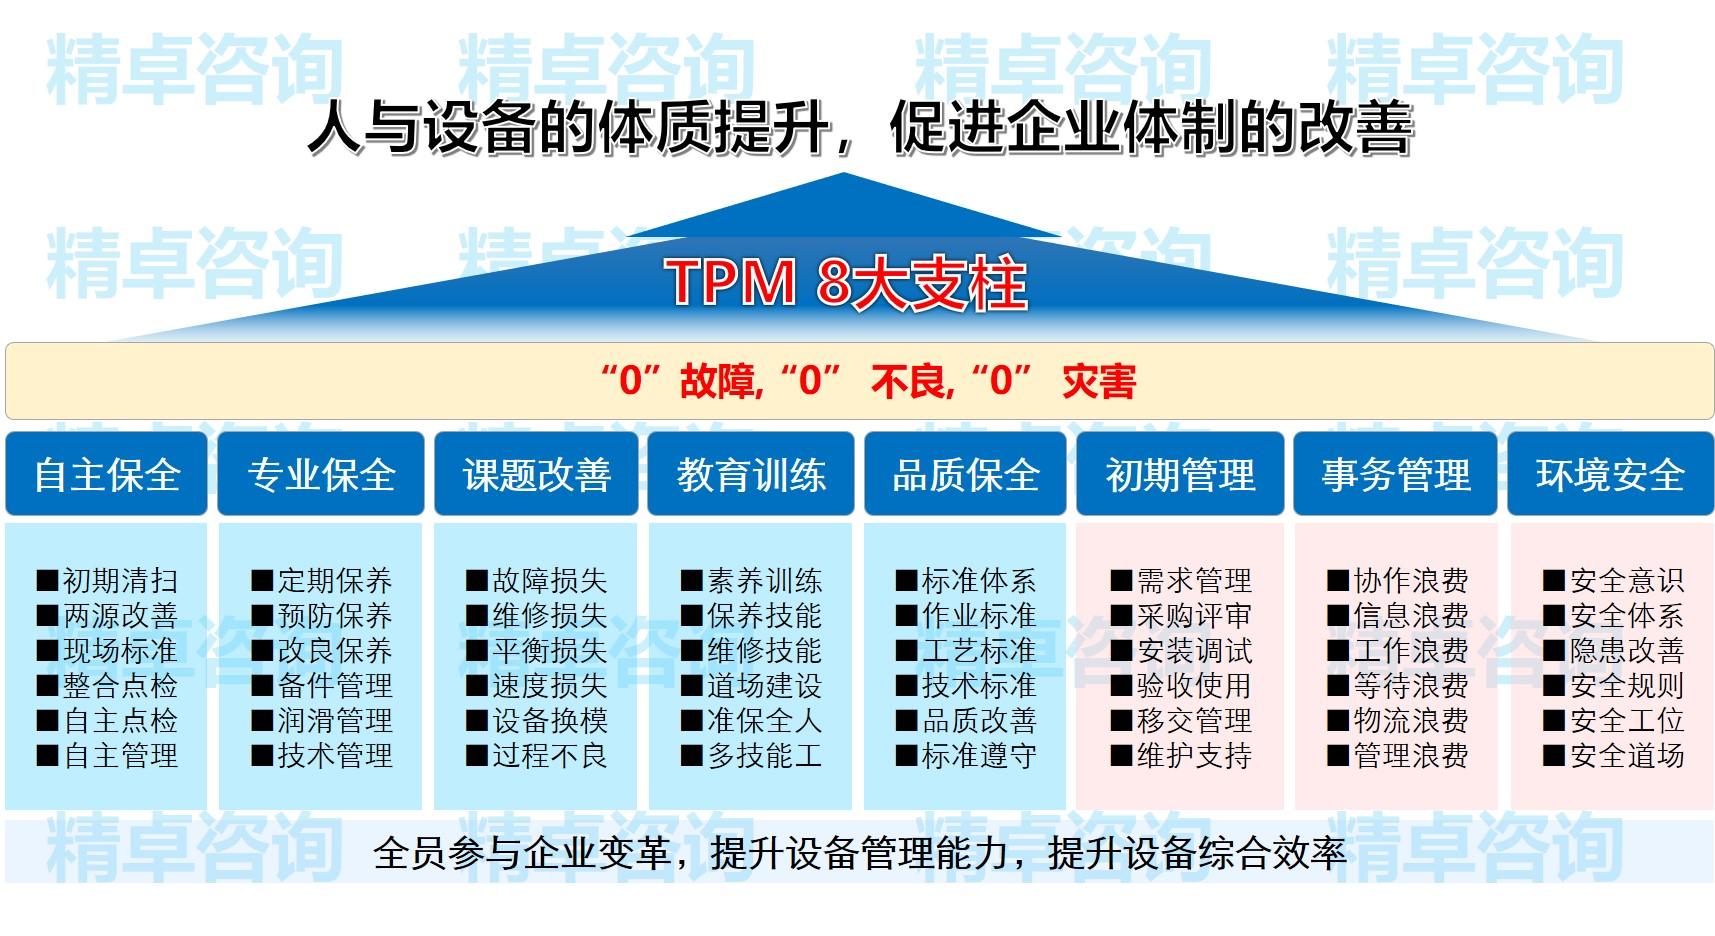 TPM架构.jpg